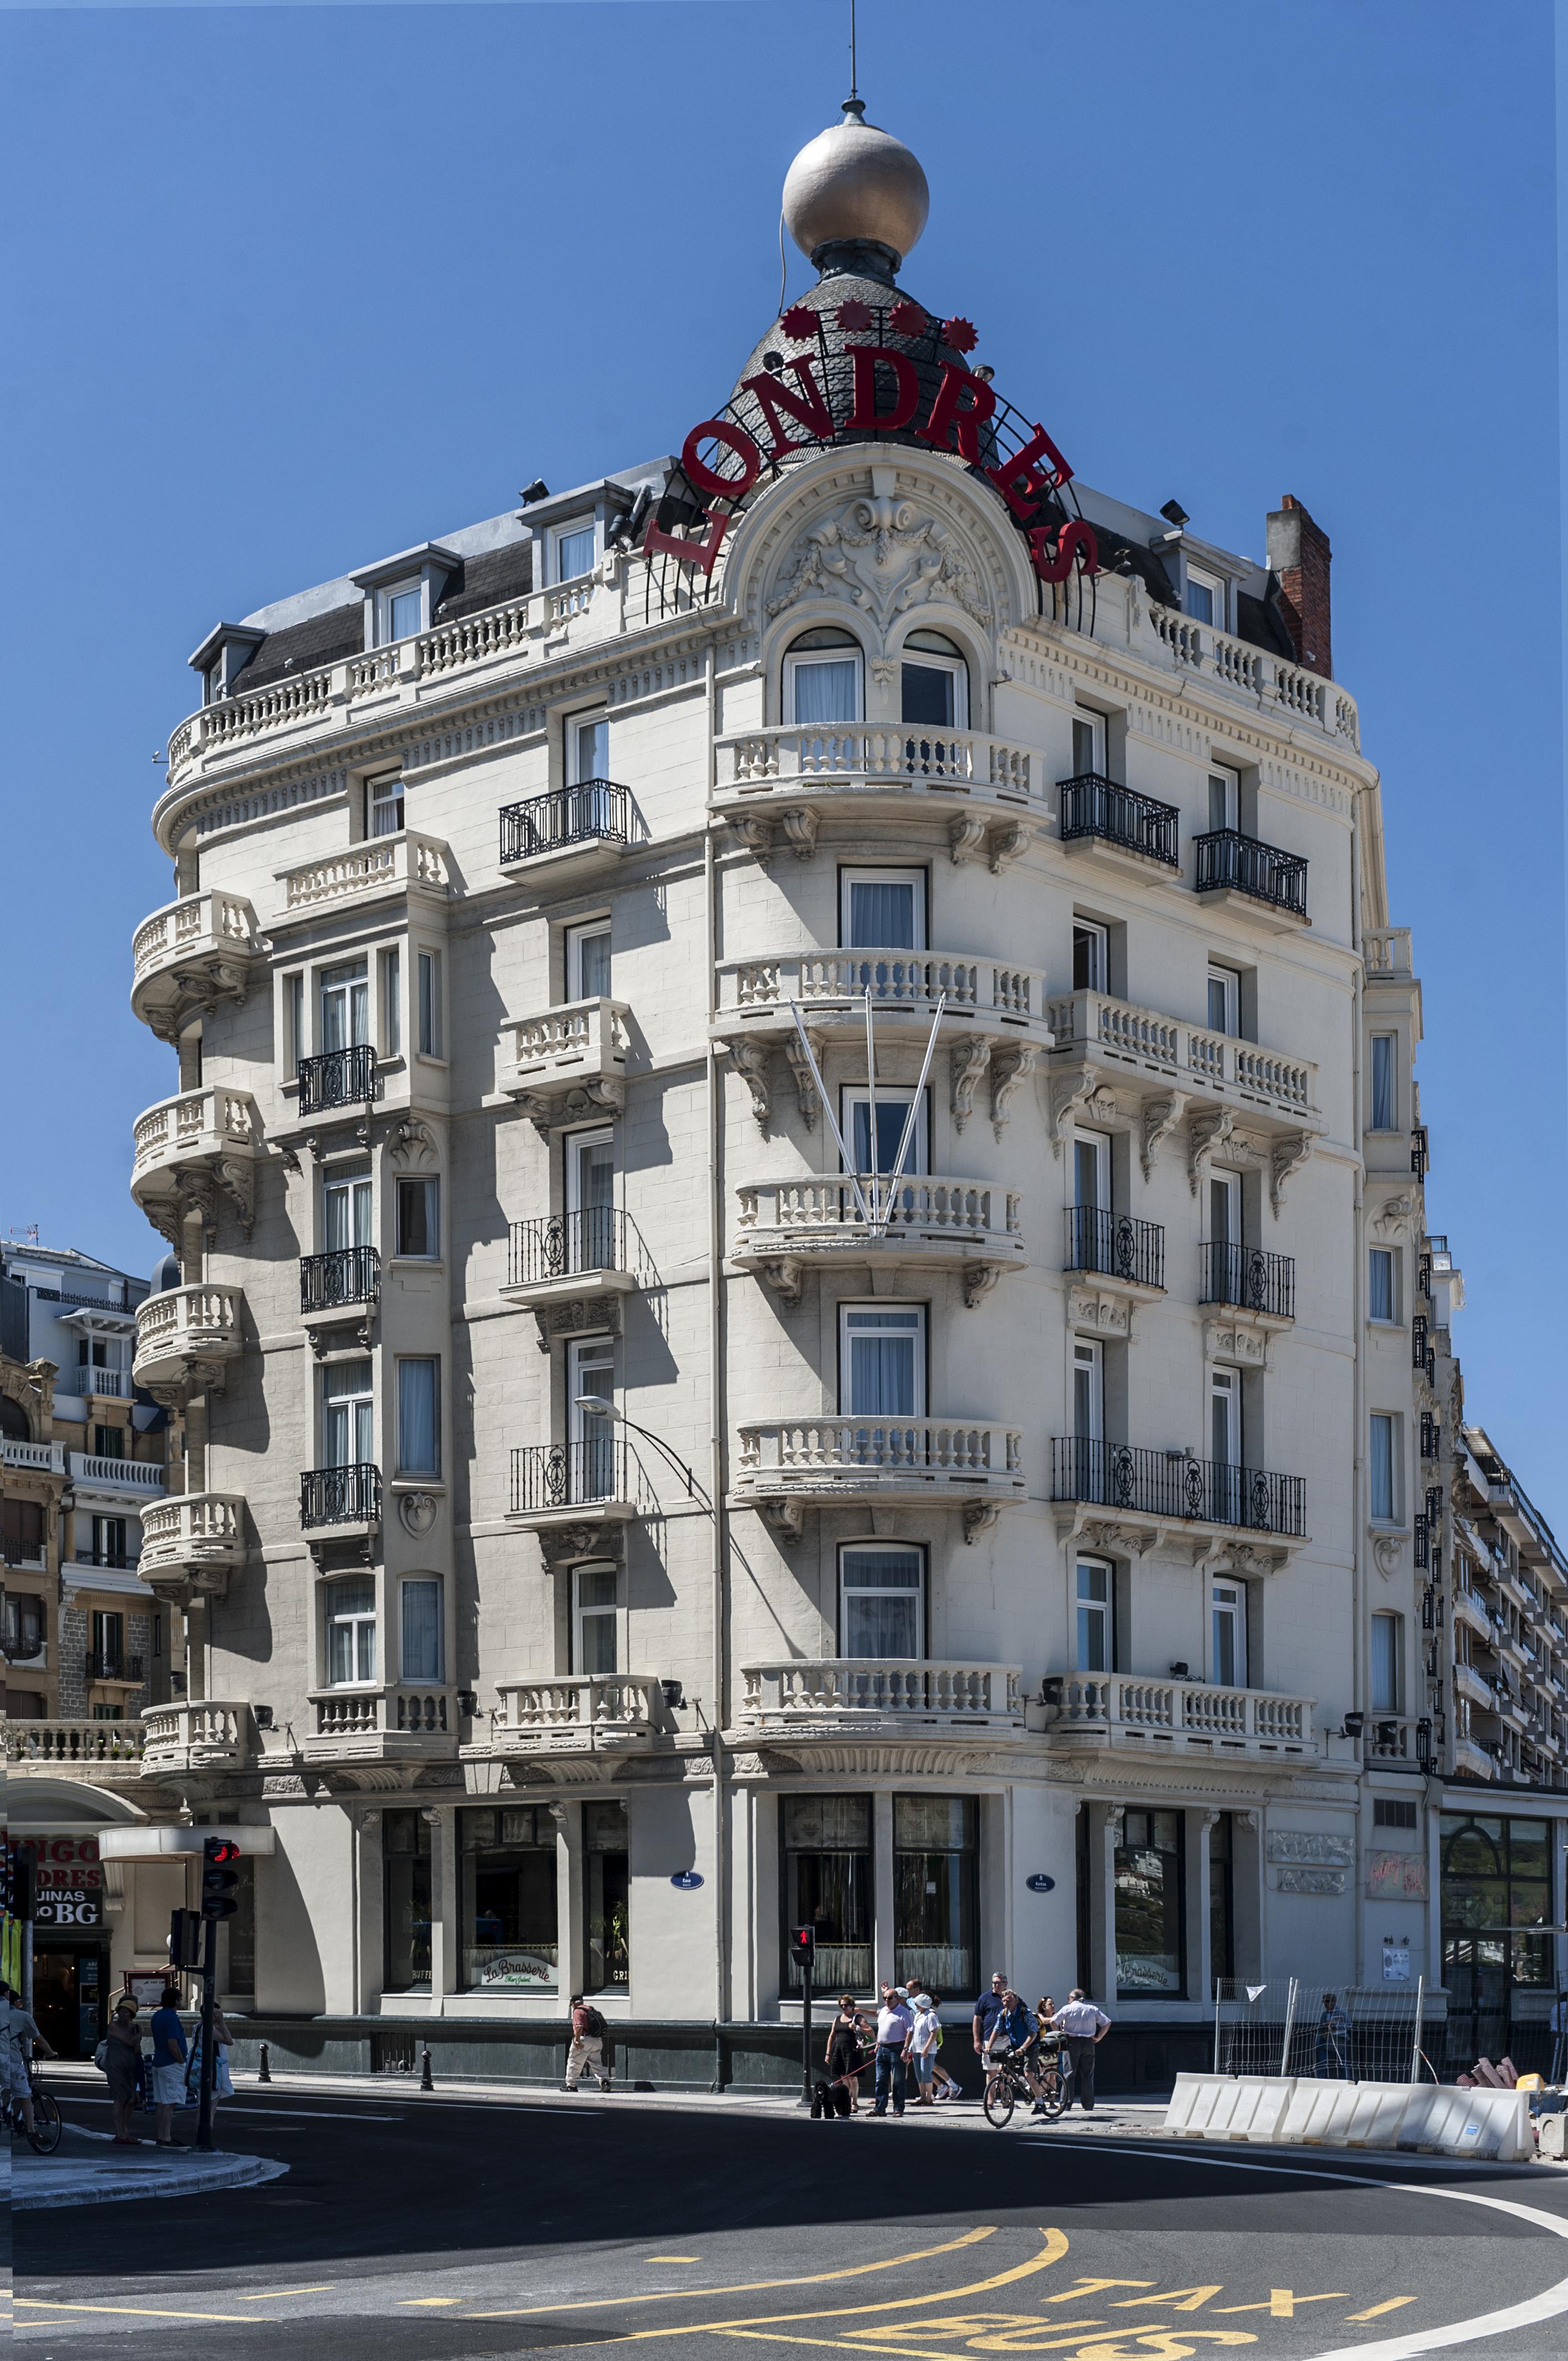 Hotel de londres y de inglaterra fotos de rincones de for Hotels londres